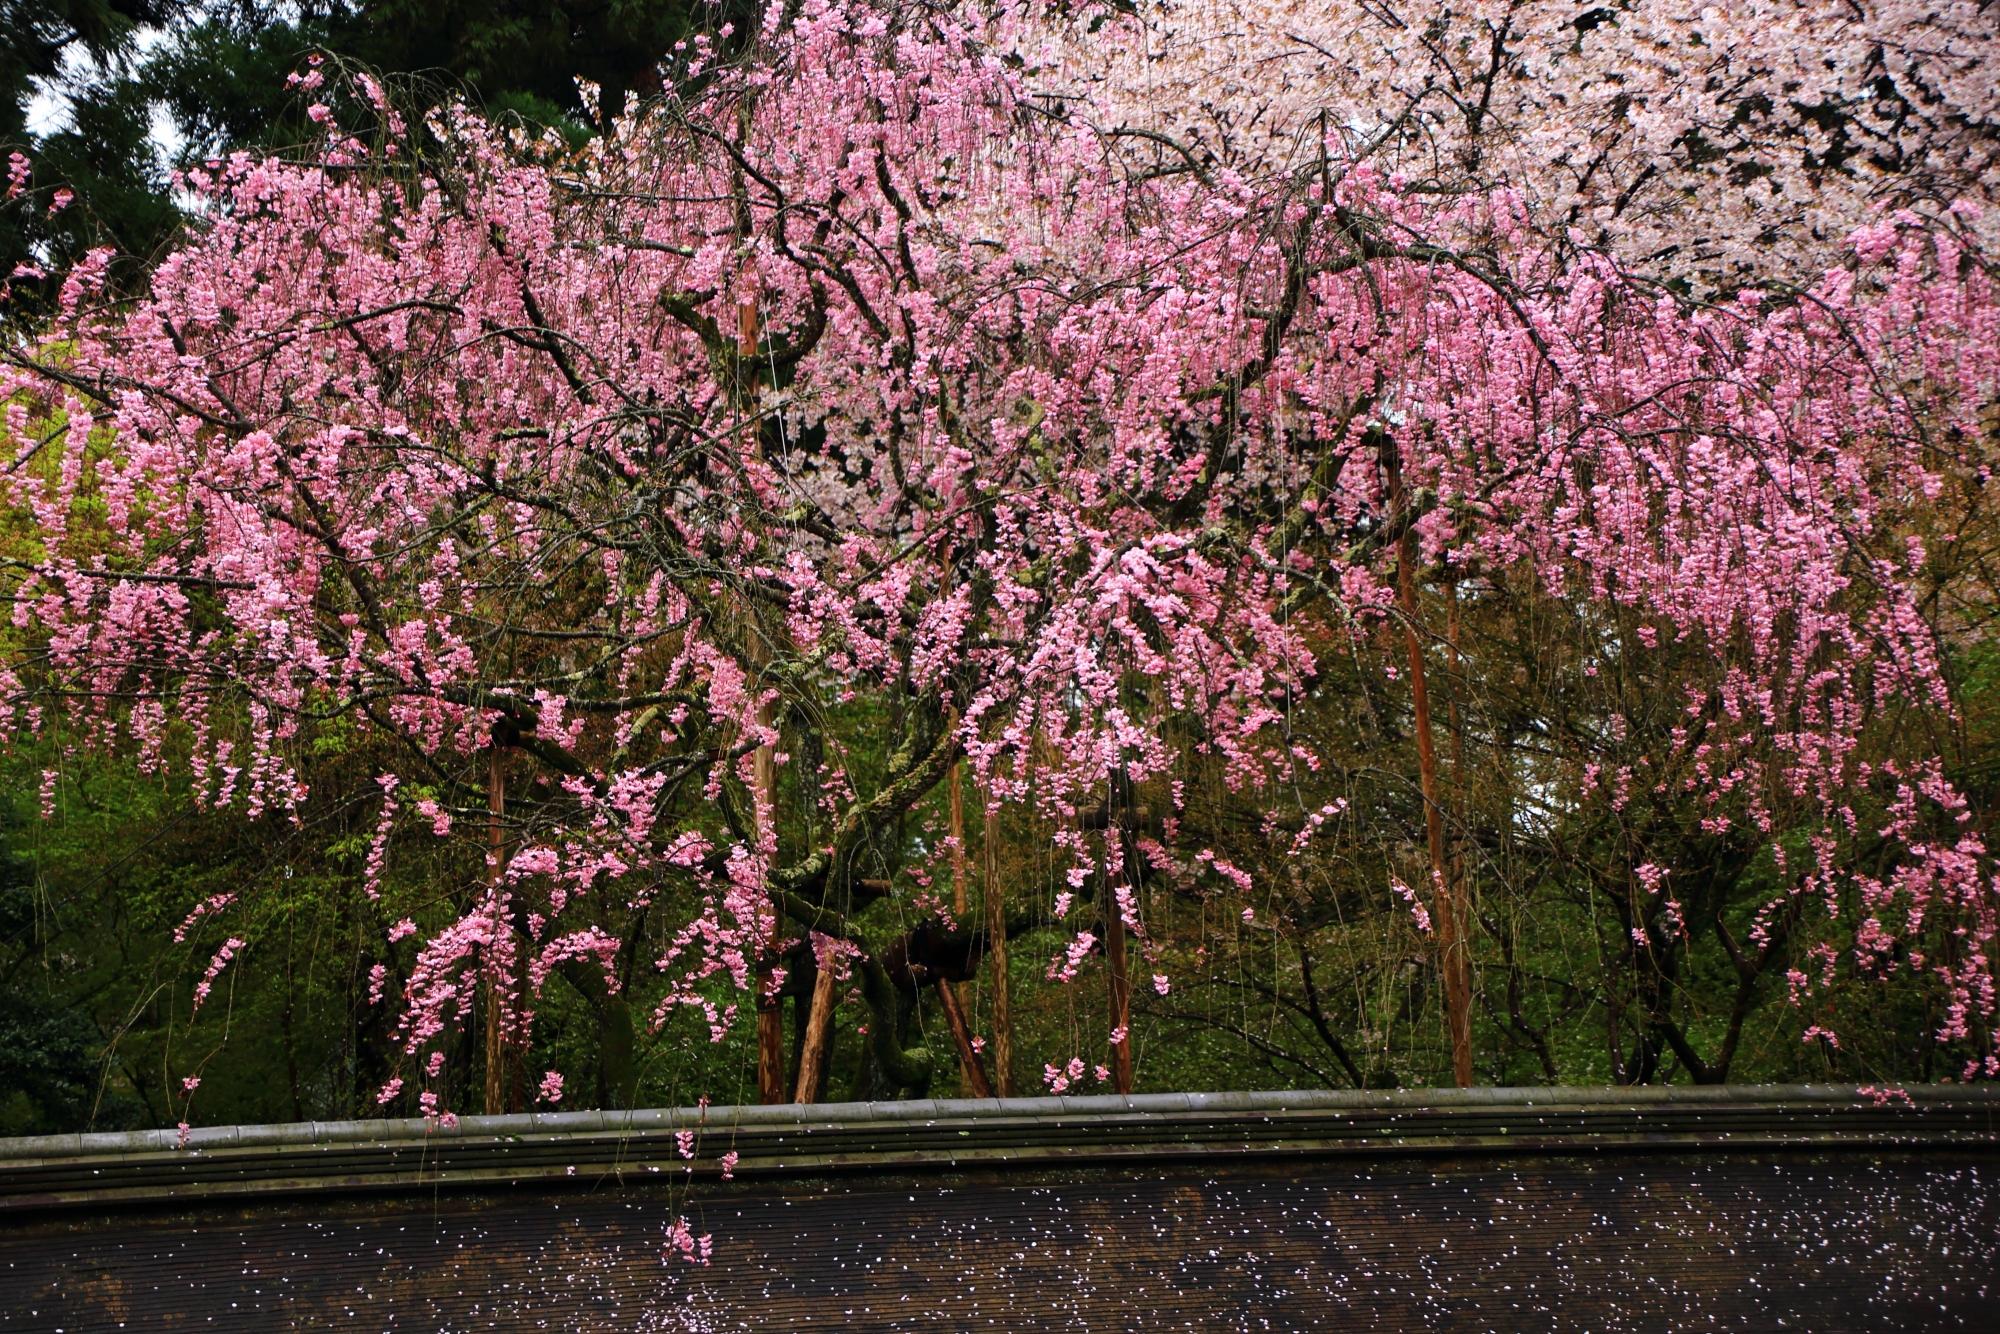 雨に濡れてしっとりと咲き誇る桜